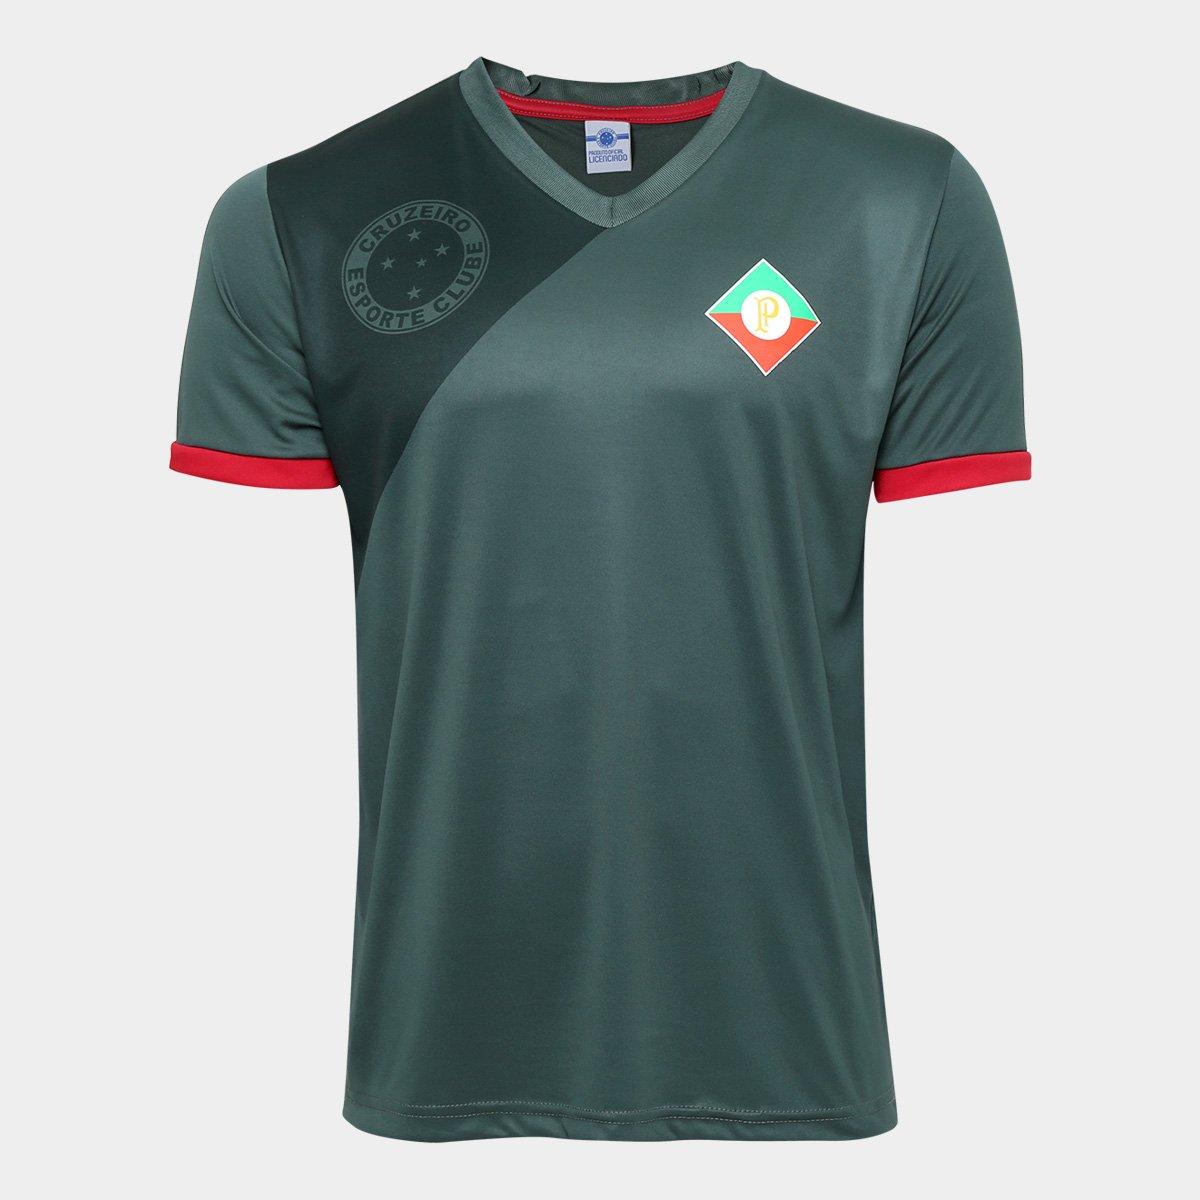 Camisa Retrô Cruzeiro Palestra Itália Masculina - Verde - Compre Agora  0a9c52cb03a10